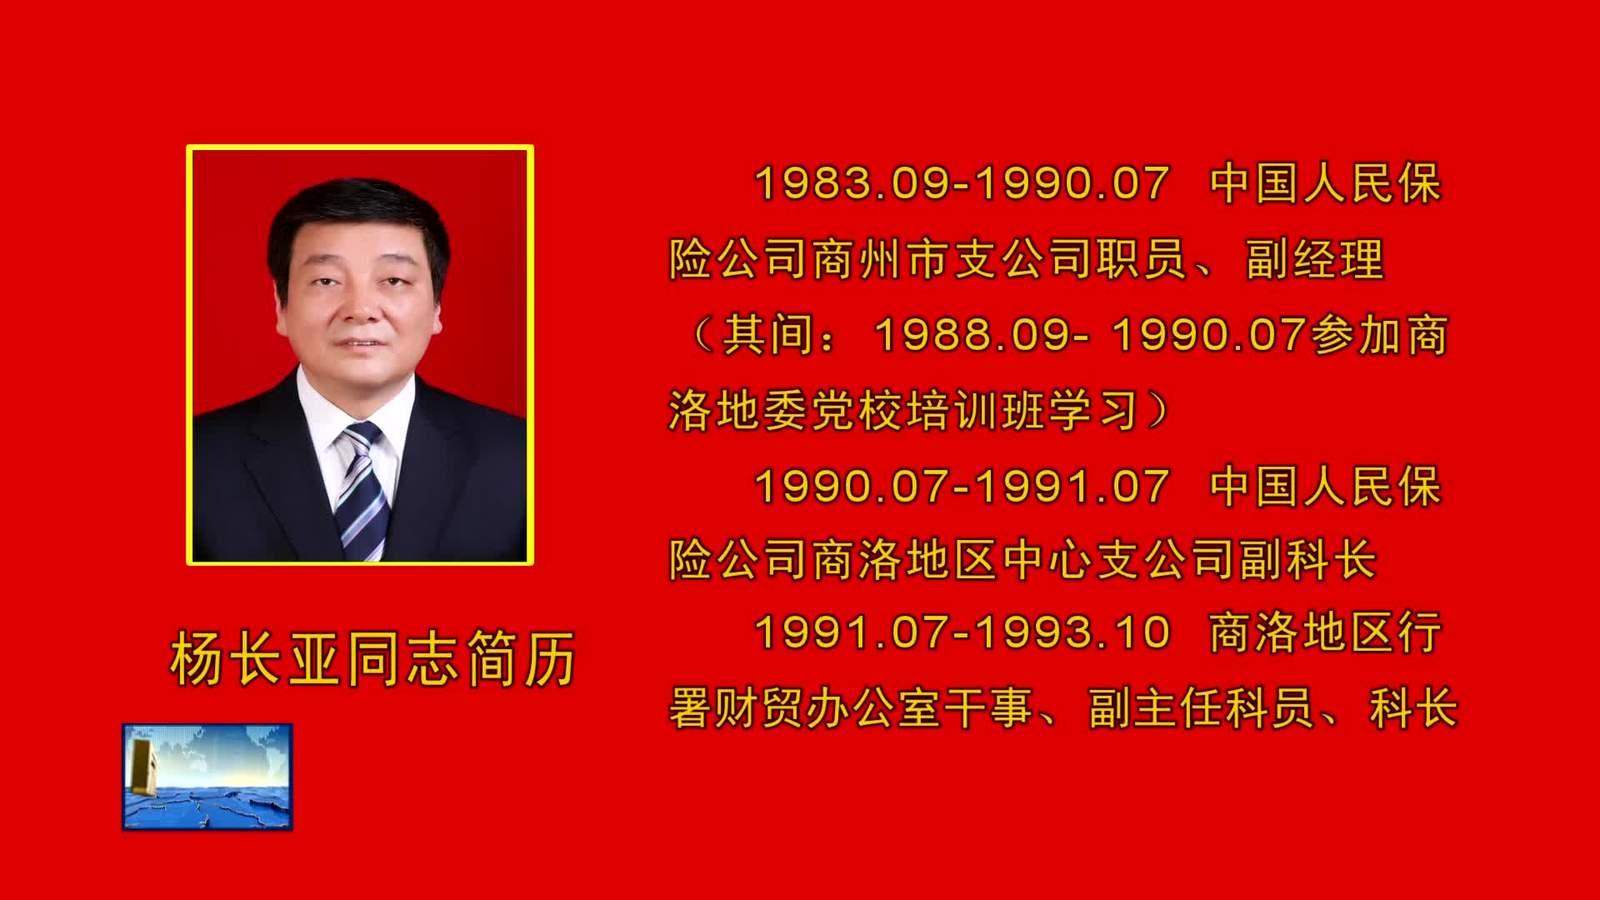 杨长亚同志简历